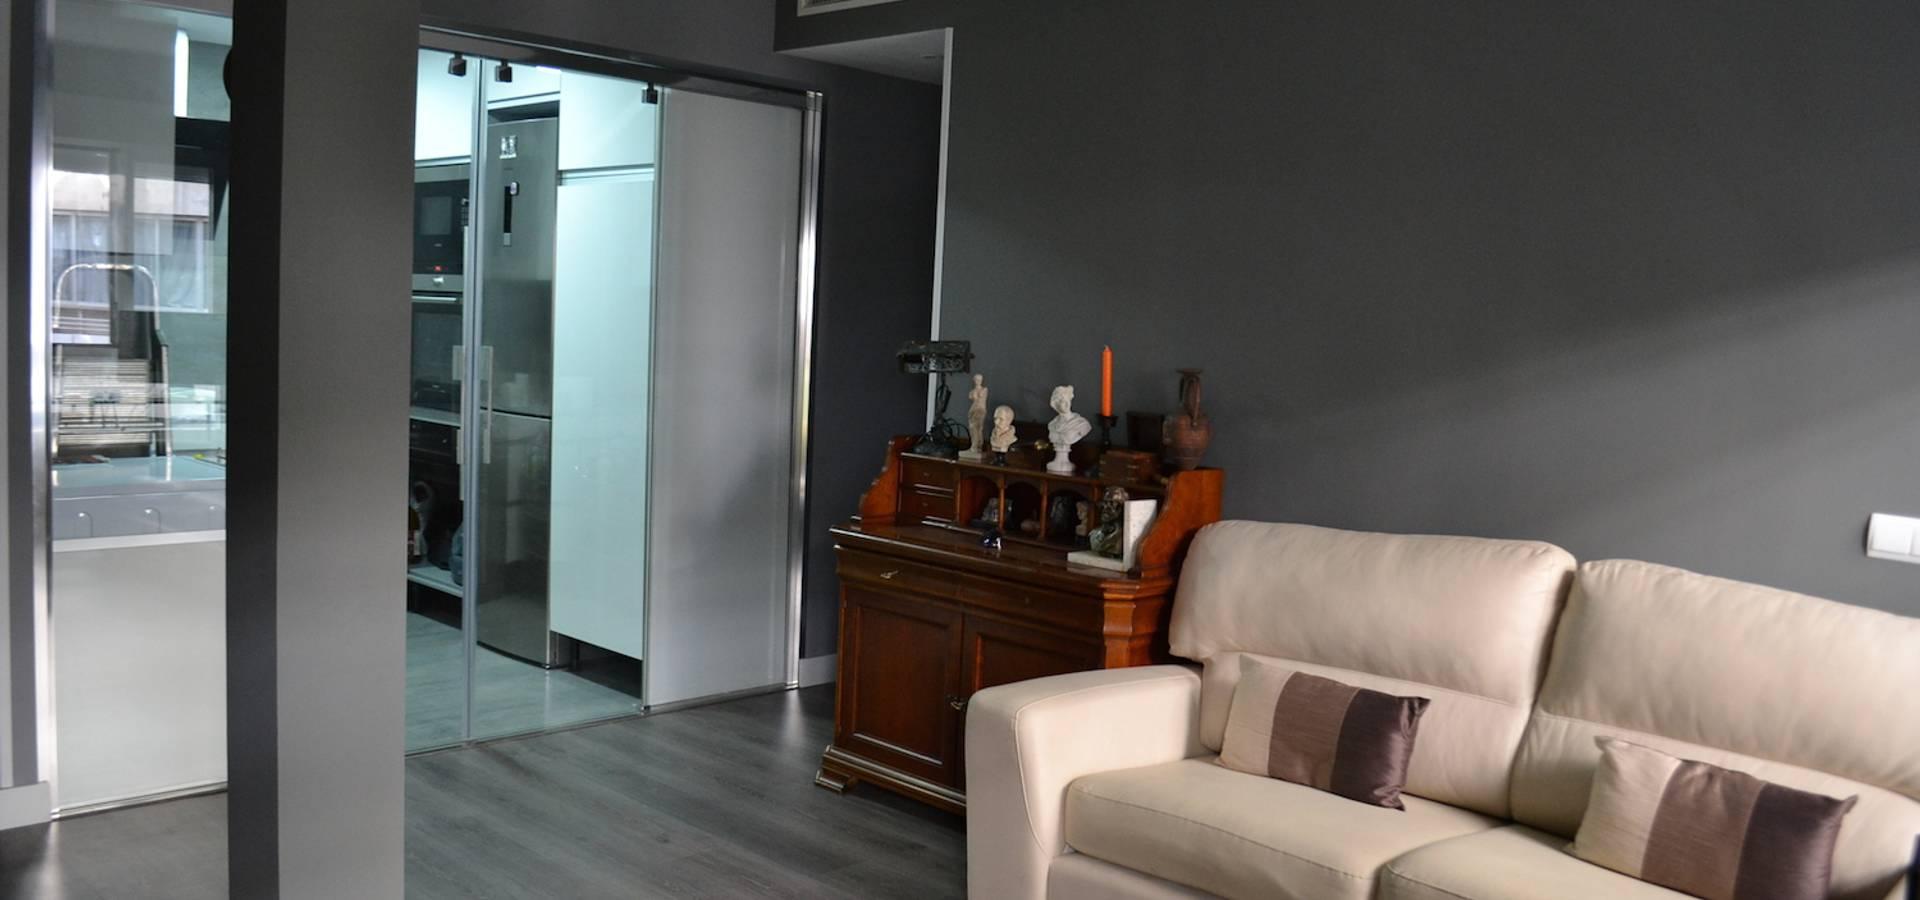 Dise o interior bruto decoradores y dise adores de interiores en madrid homify - Disenadores de interiores madrid ...